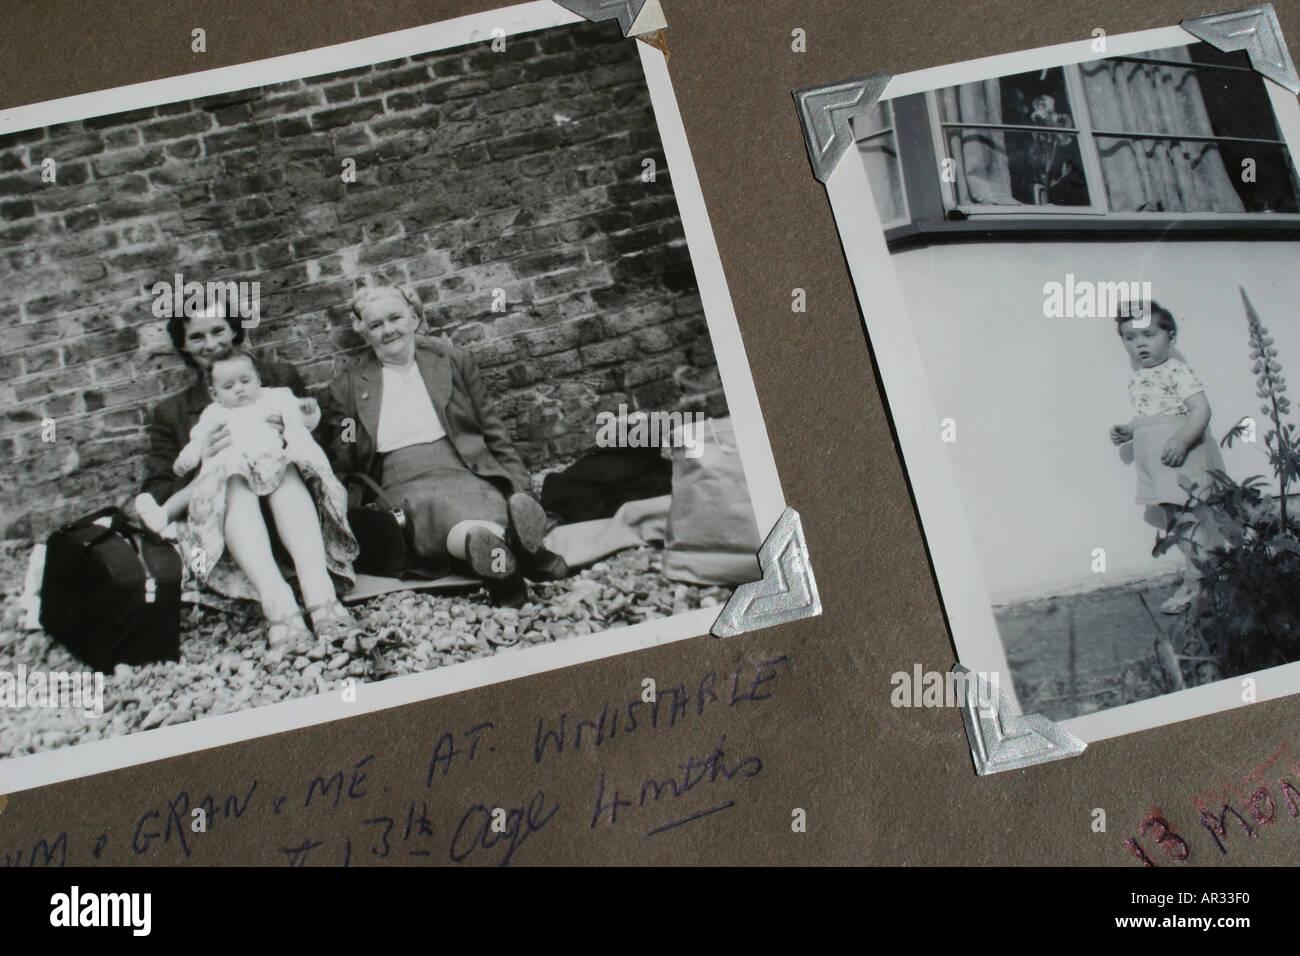 Vieille nostalgie des photographies en noir et blanc montrant mère grand-mère et du jeune enfant prises dans les années 1950 Photo Stock